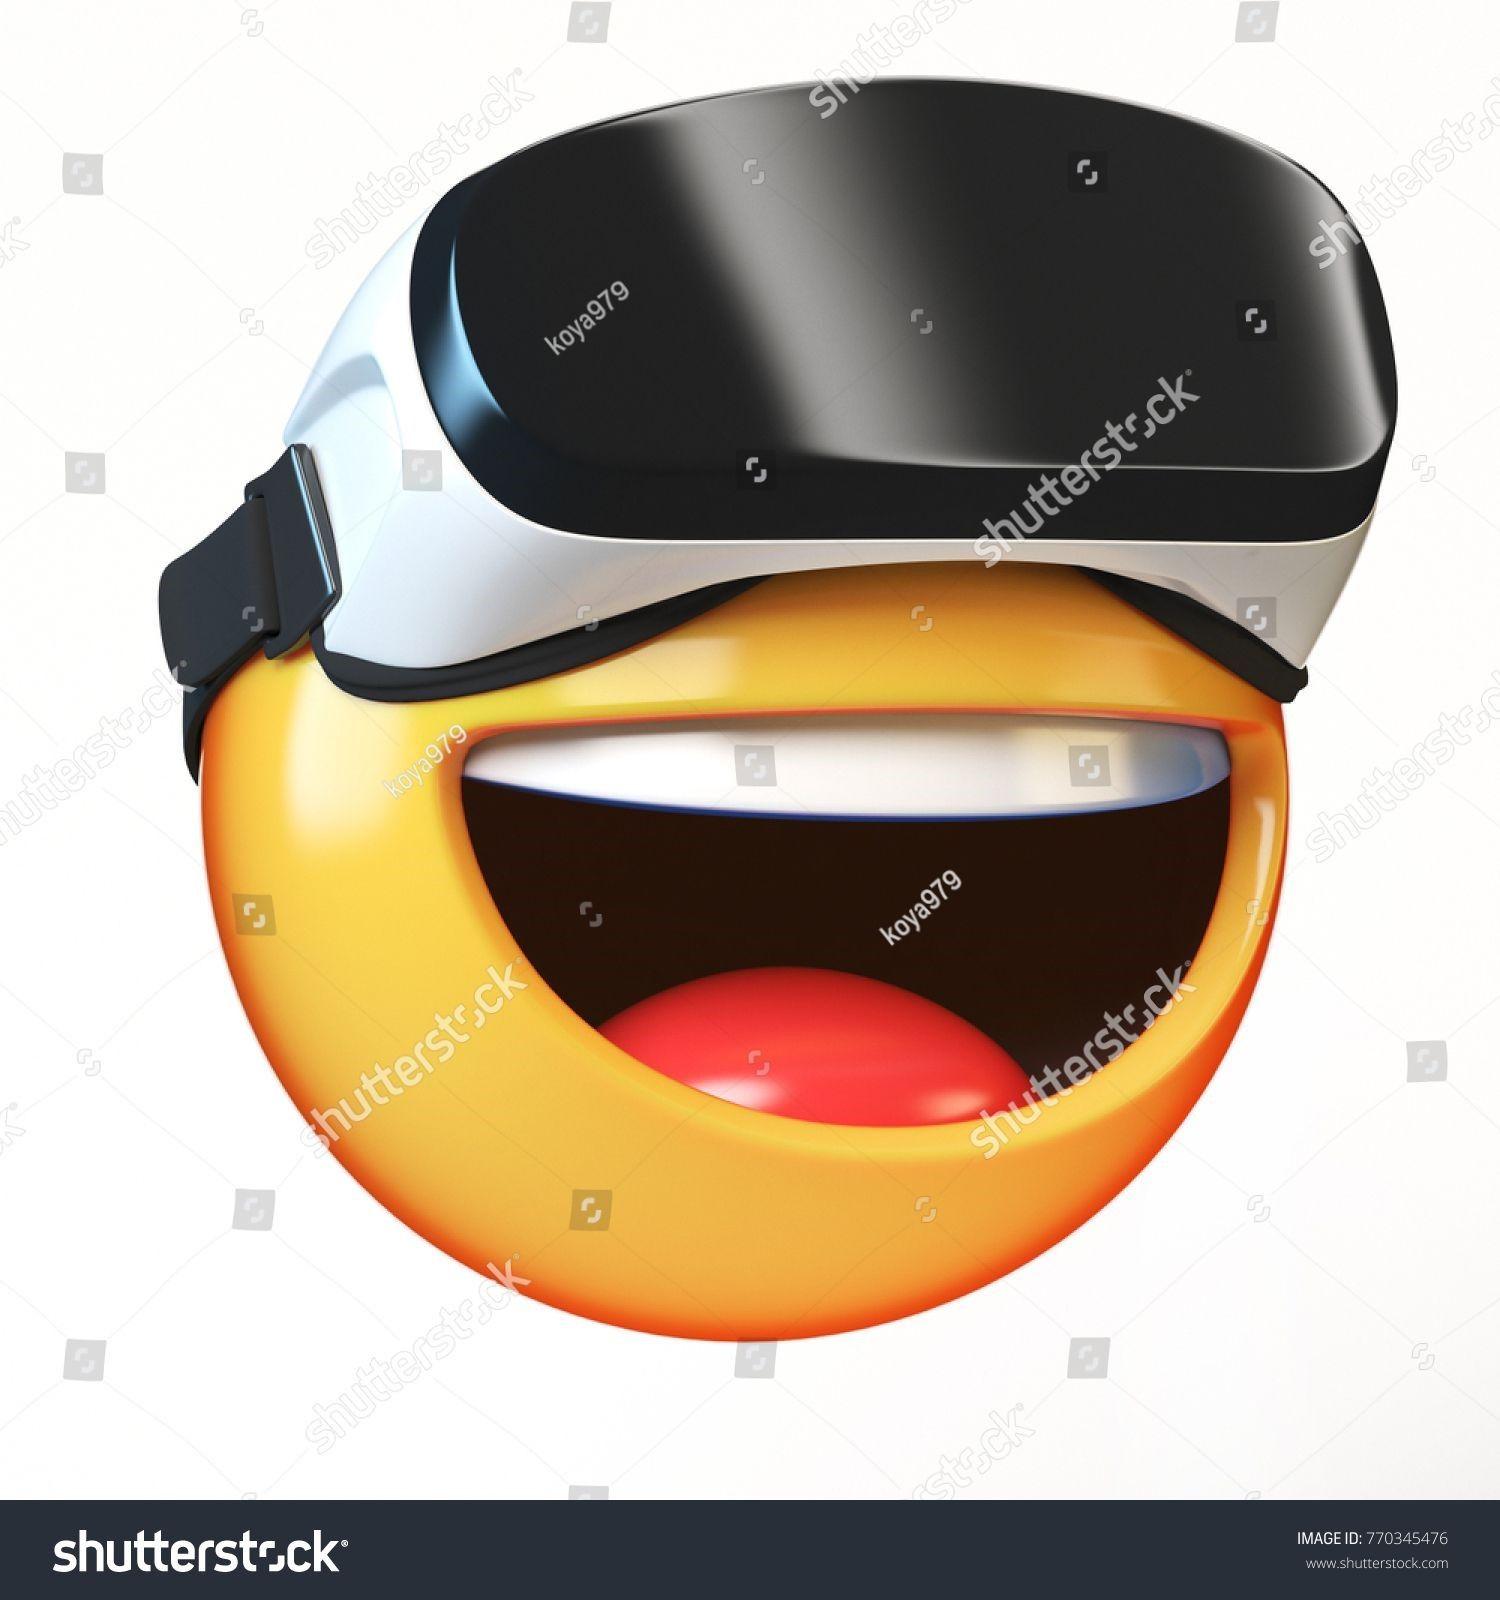 Oculus Quest Oculus Quest Ue4 開発 Oculus, Gaming